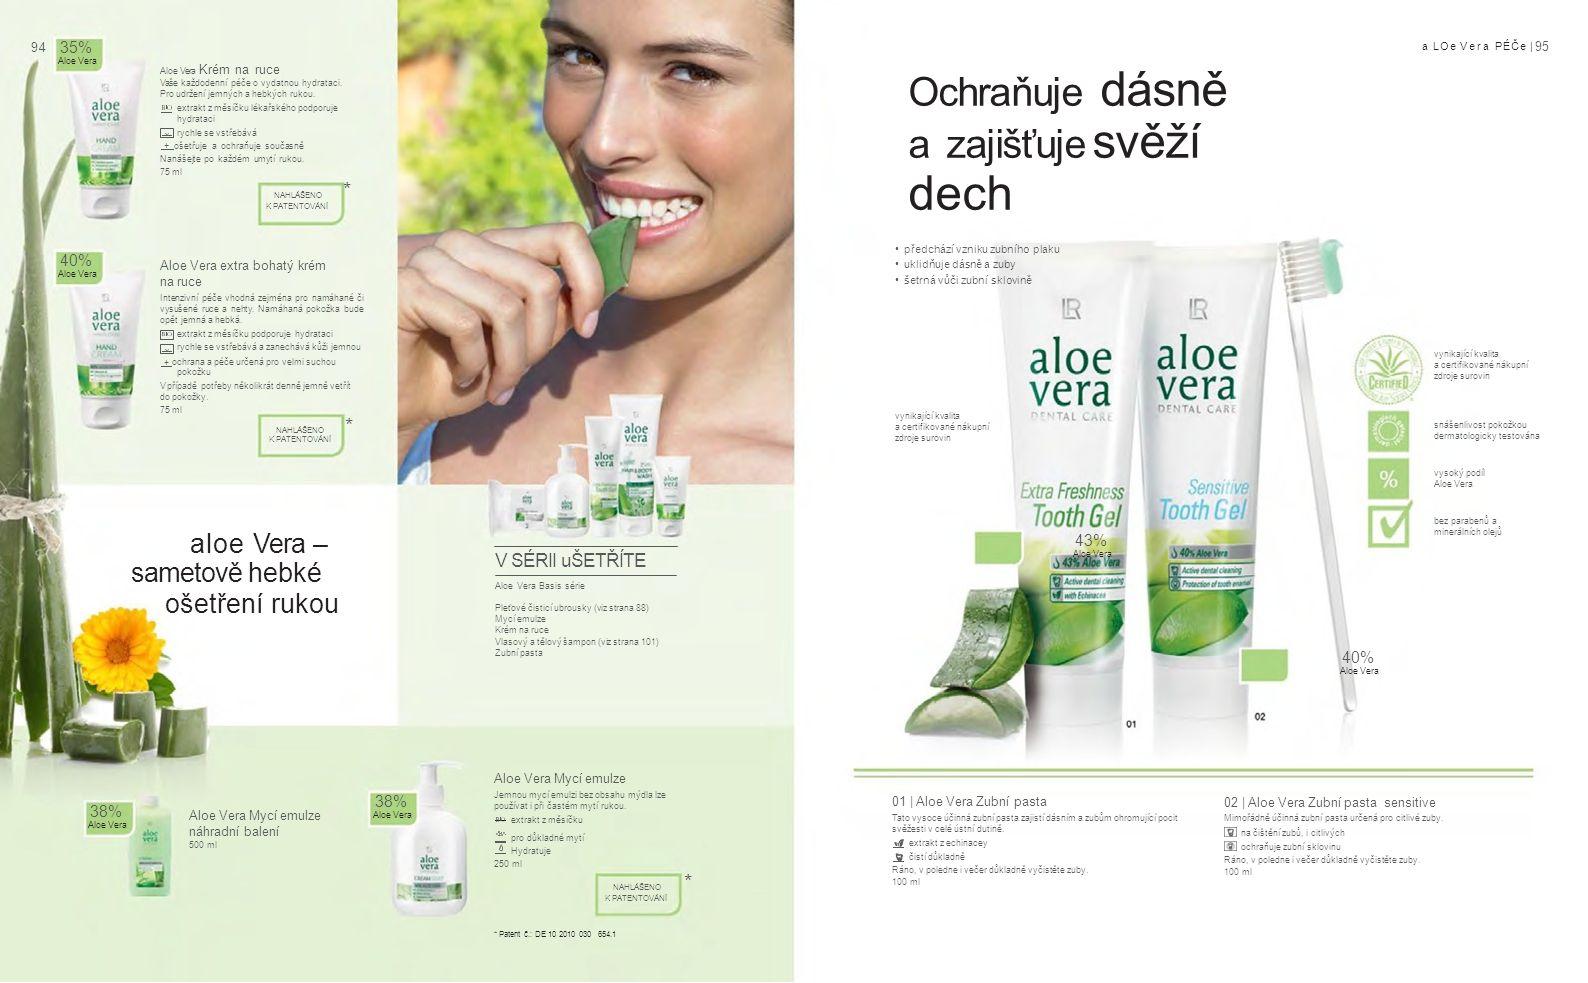 9494 a LOe Vera PÉČe | 95 Aloe Vera extra bohatý krém na ruce Intenzivní péče vhodná zejména pro namáhané či vysušené ruce a nehty.